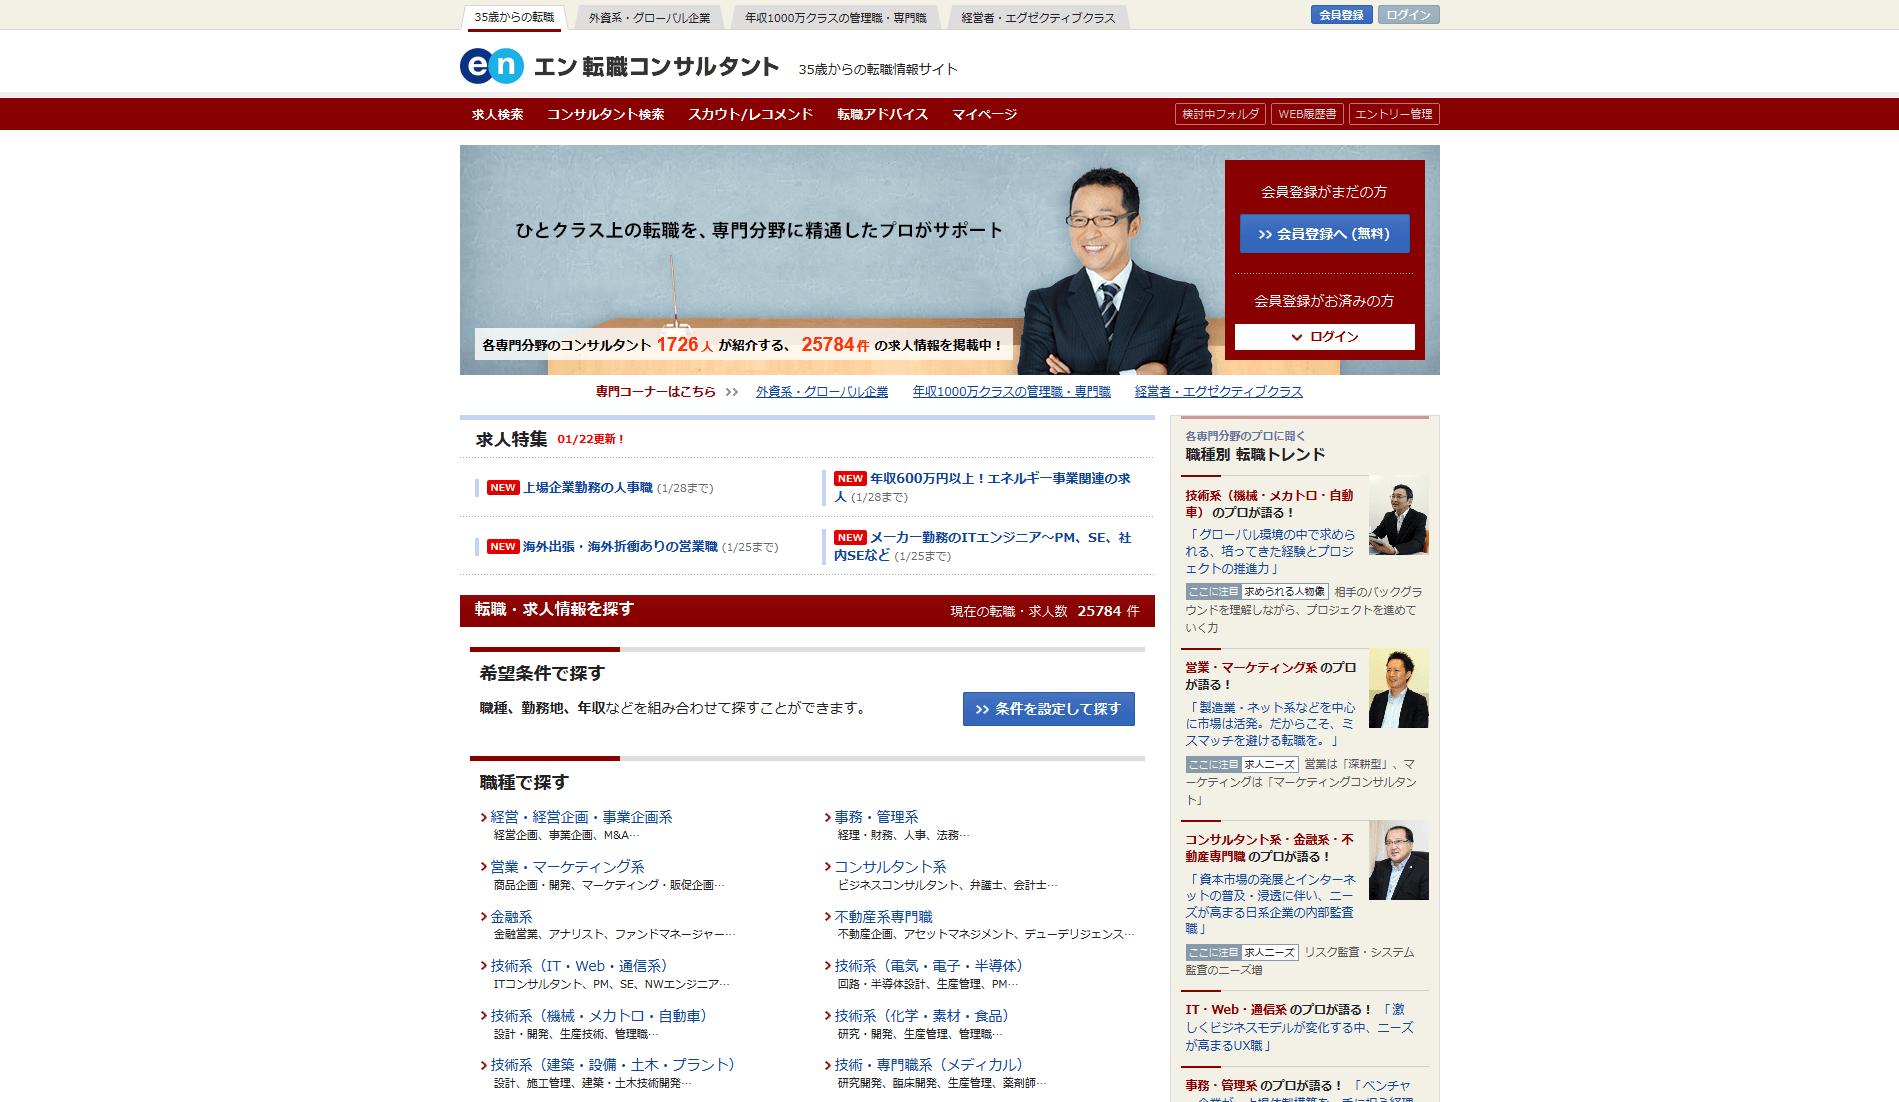 エン転職コンサルタント 35歳からの転職情報サイト